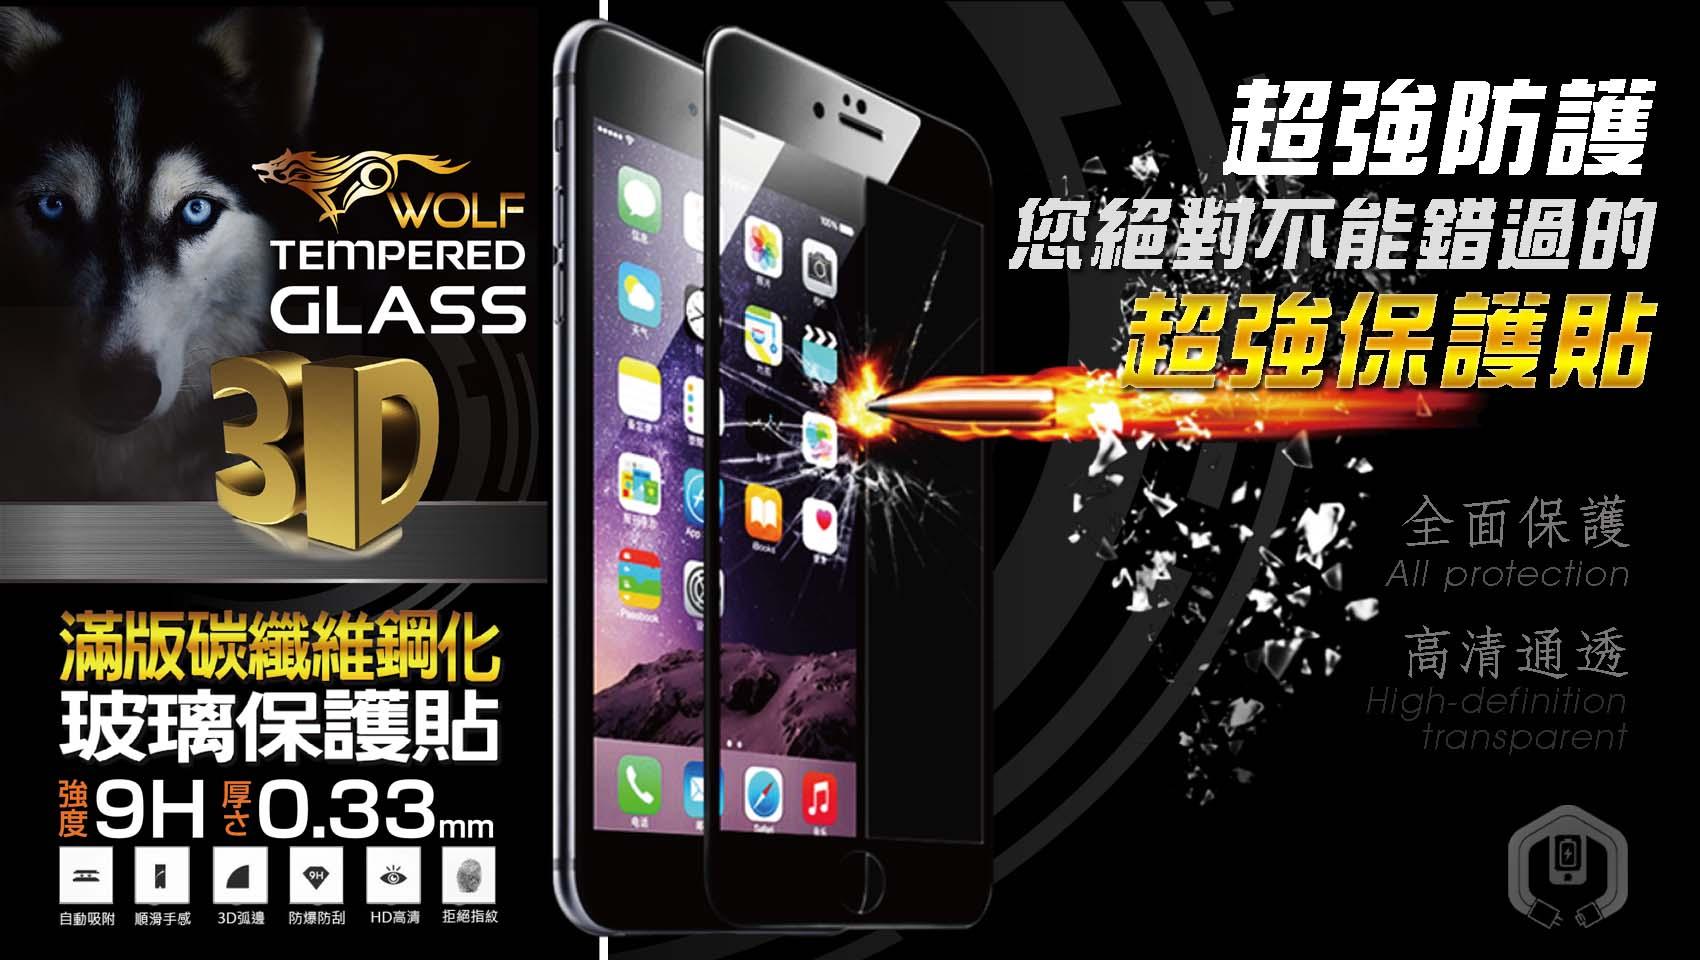 【少東通訊】全屏 碳纖維 鋼化玻璃保護貼iPhone6S Plus5S Note5 Note4 全屏滿版